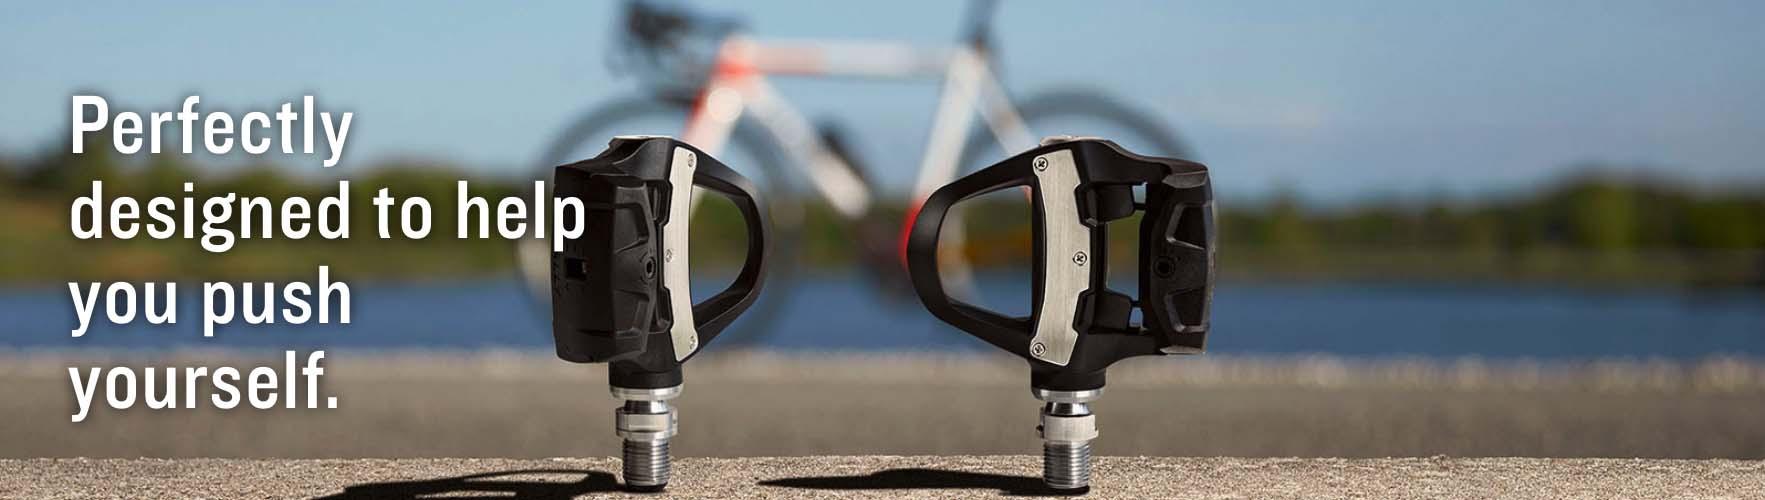 Garmin Rally RK100 Single-sensing Power Meter Pedals - LOOK KEO